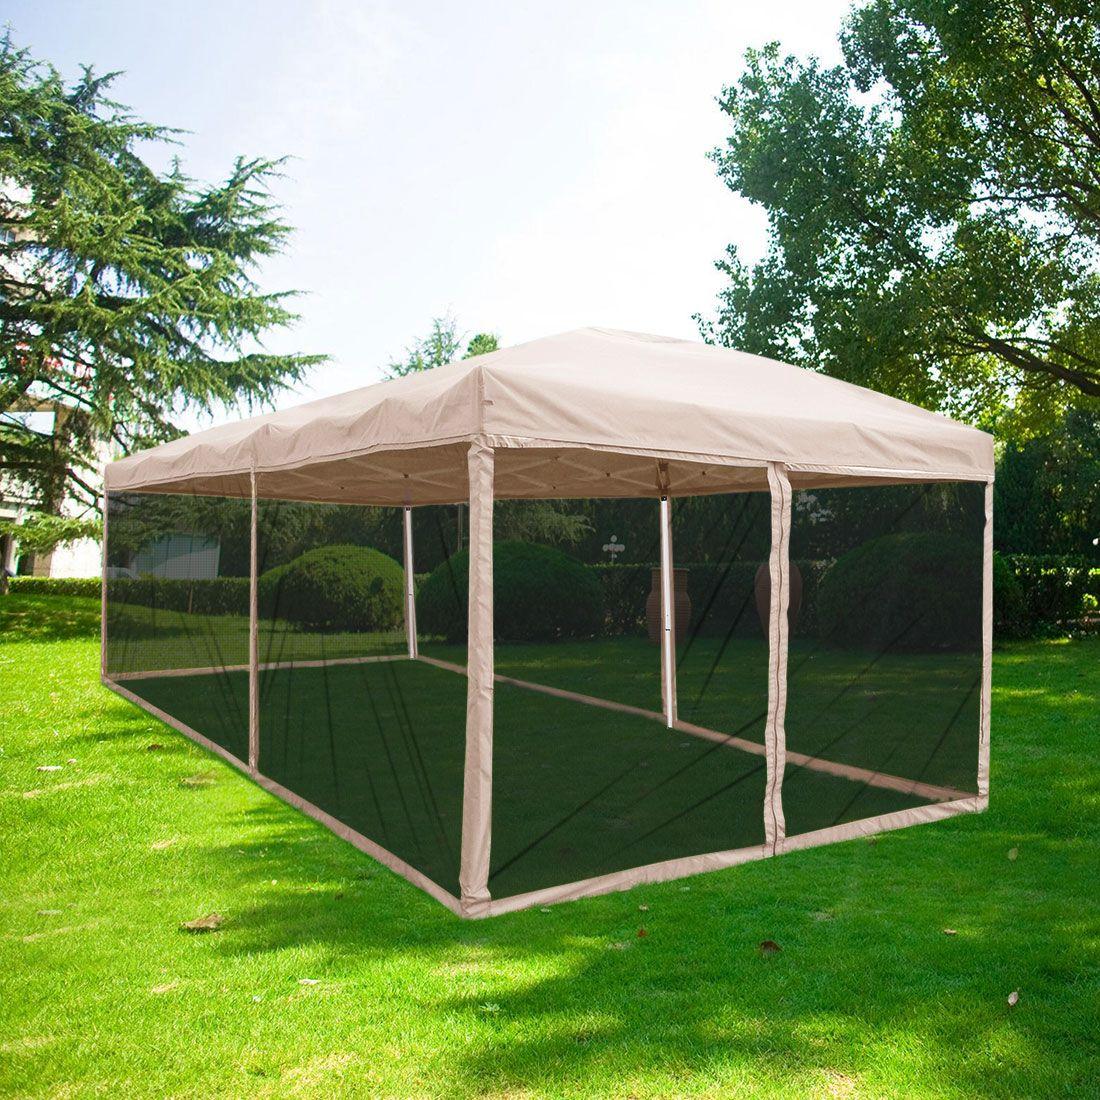 Patio Garden Gazebo Outdoor Shade Canopy